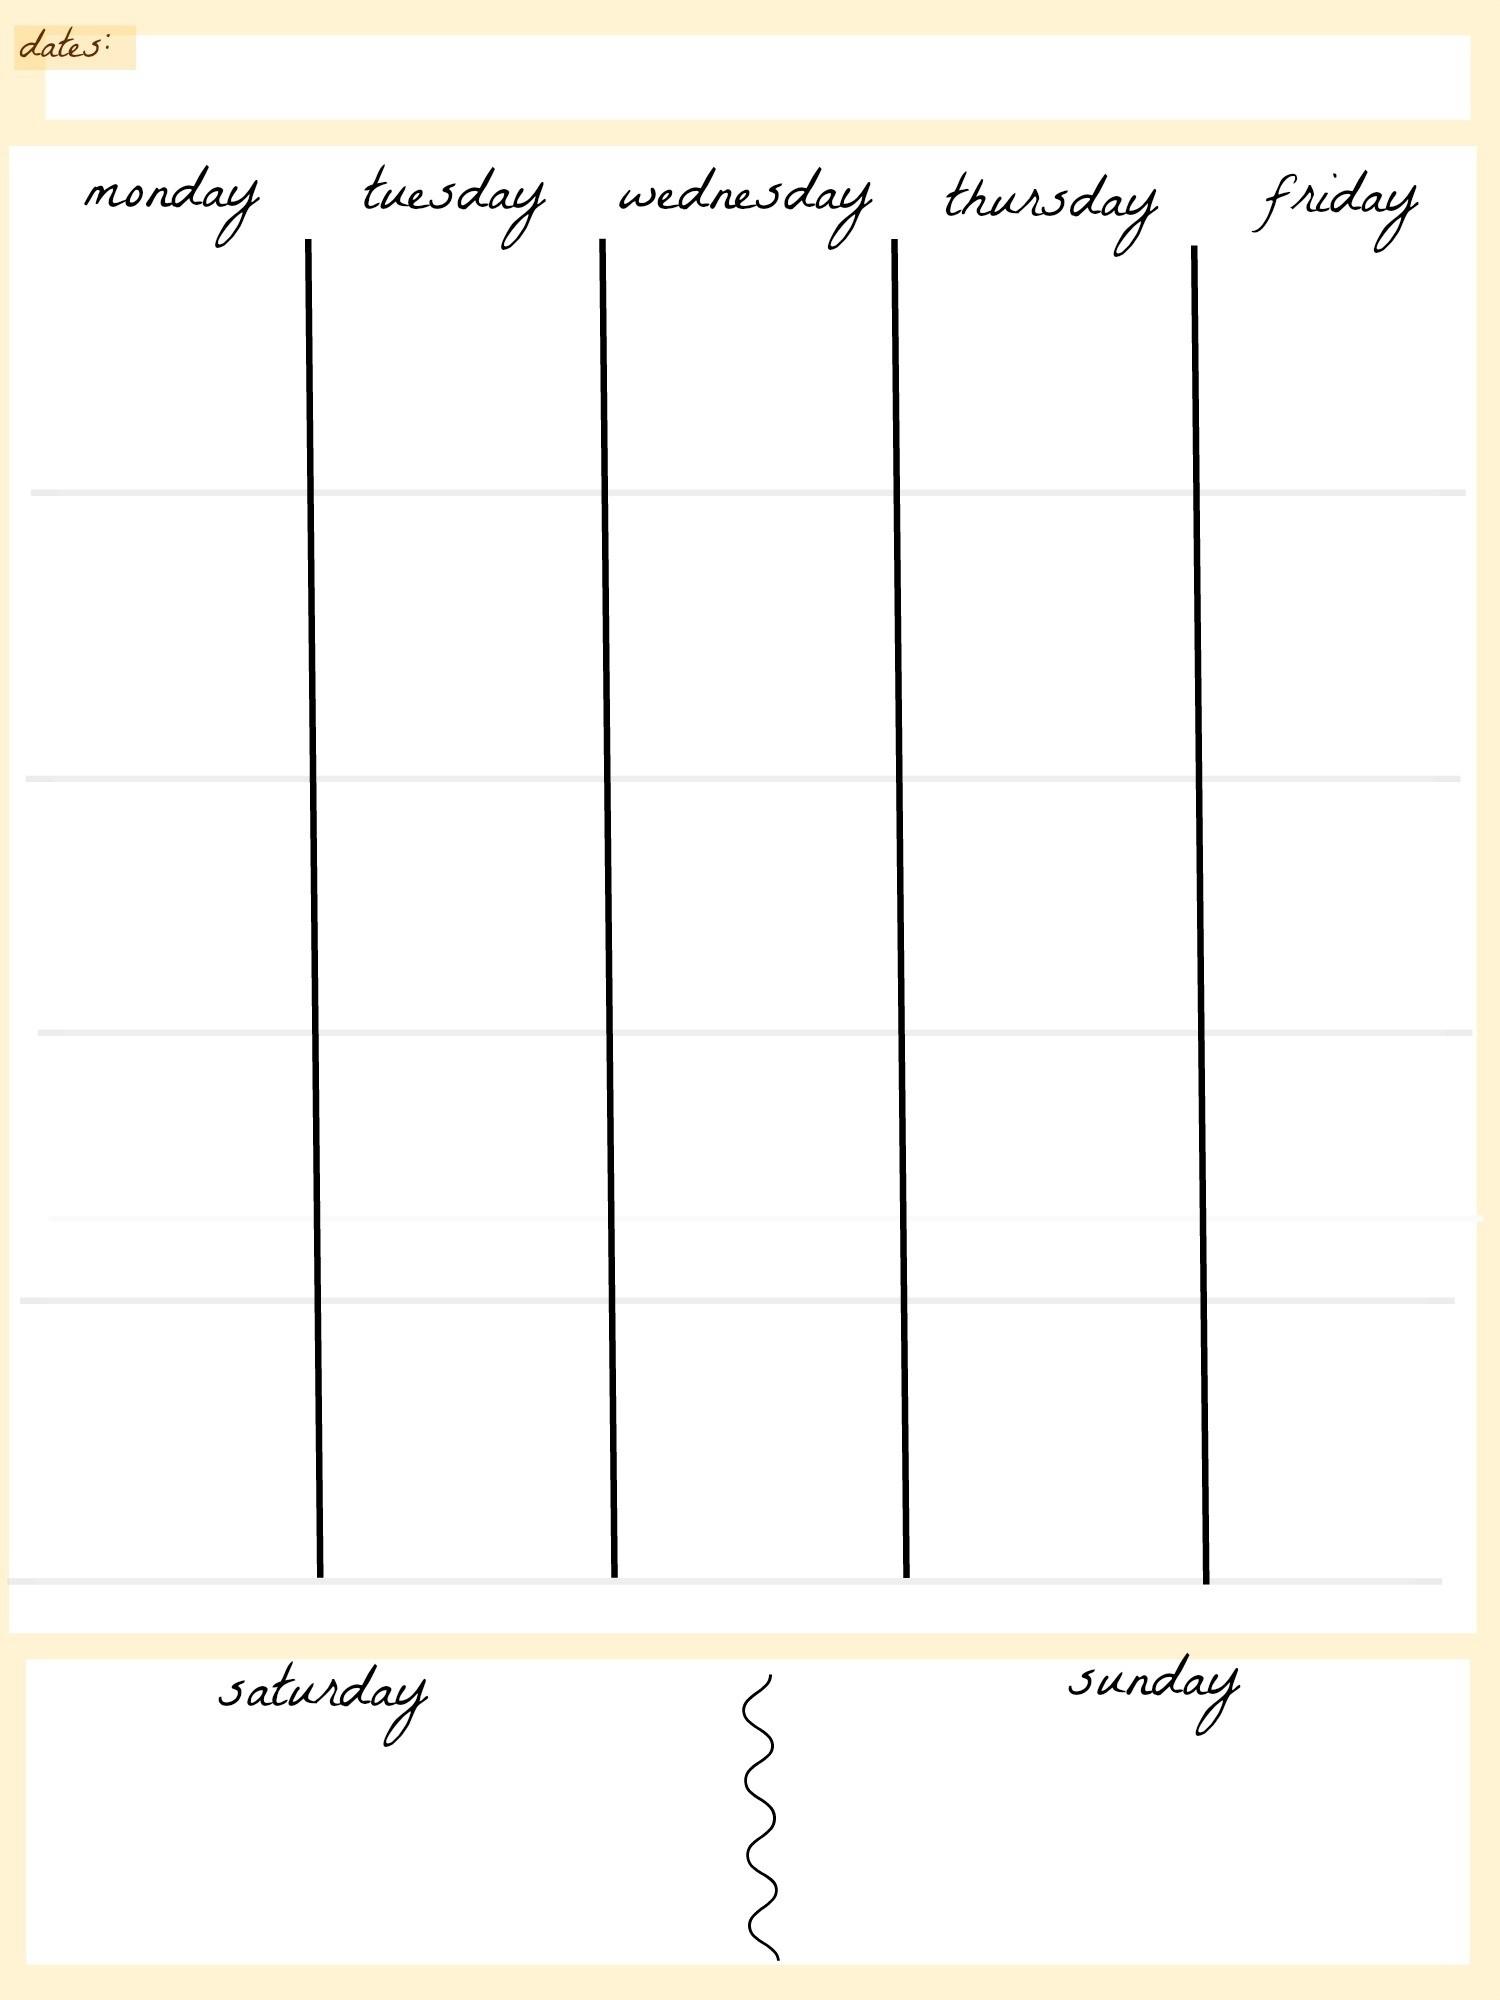 Blank Calendar Template 5 Day Week Weekly Calendar 5 Day Travel Cal1 inside Blank Calendar 5 Day Week